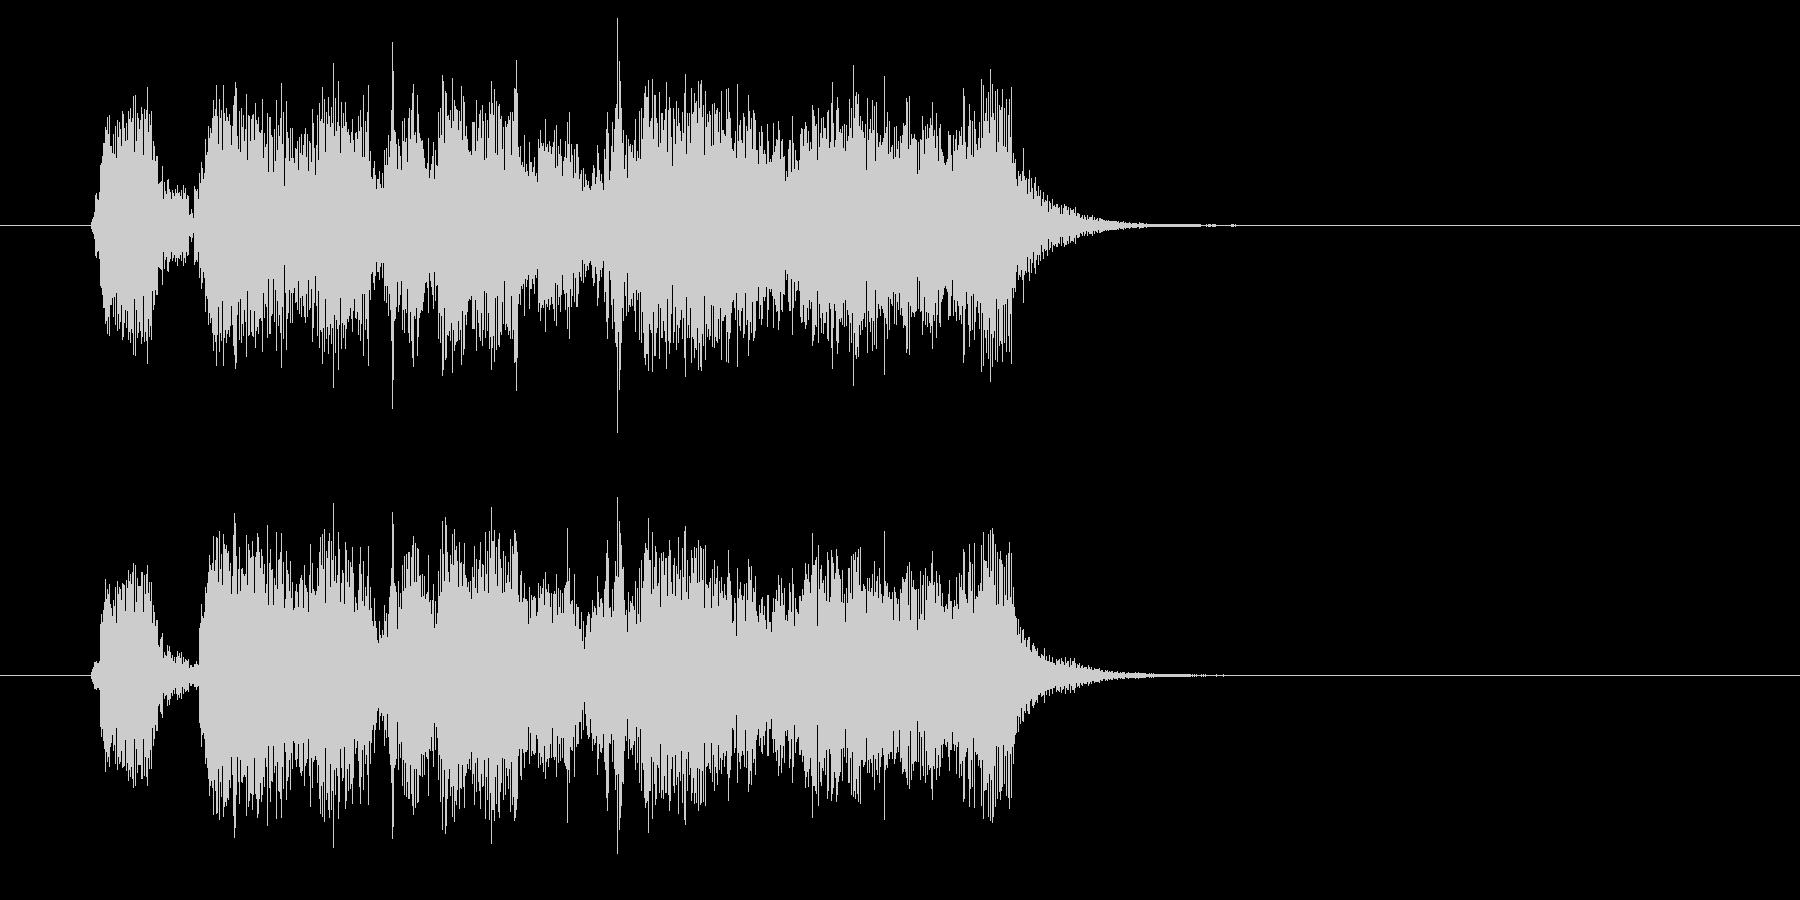 勢いがありクールでユニークなBGMの未再生の波形